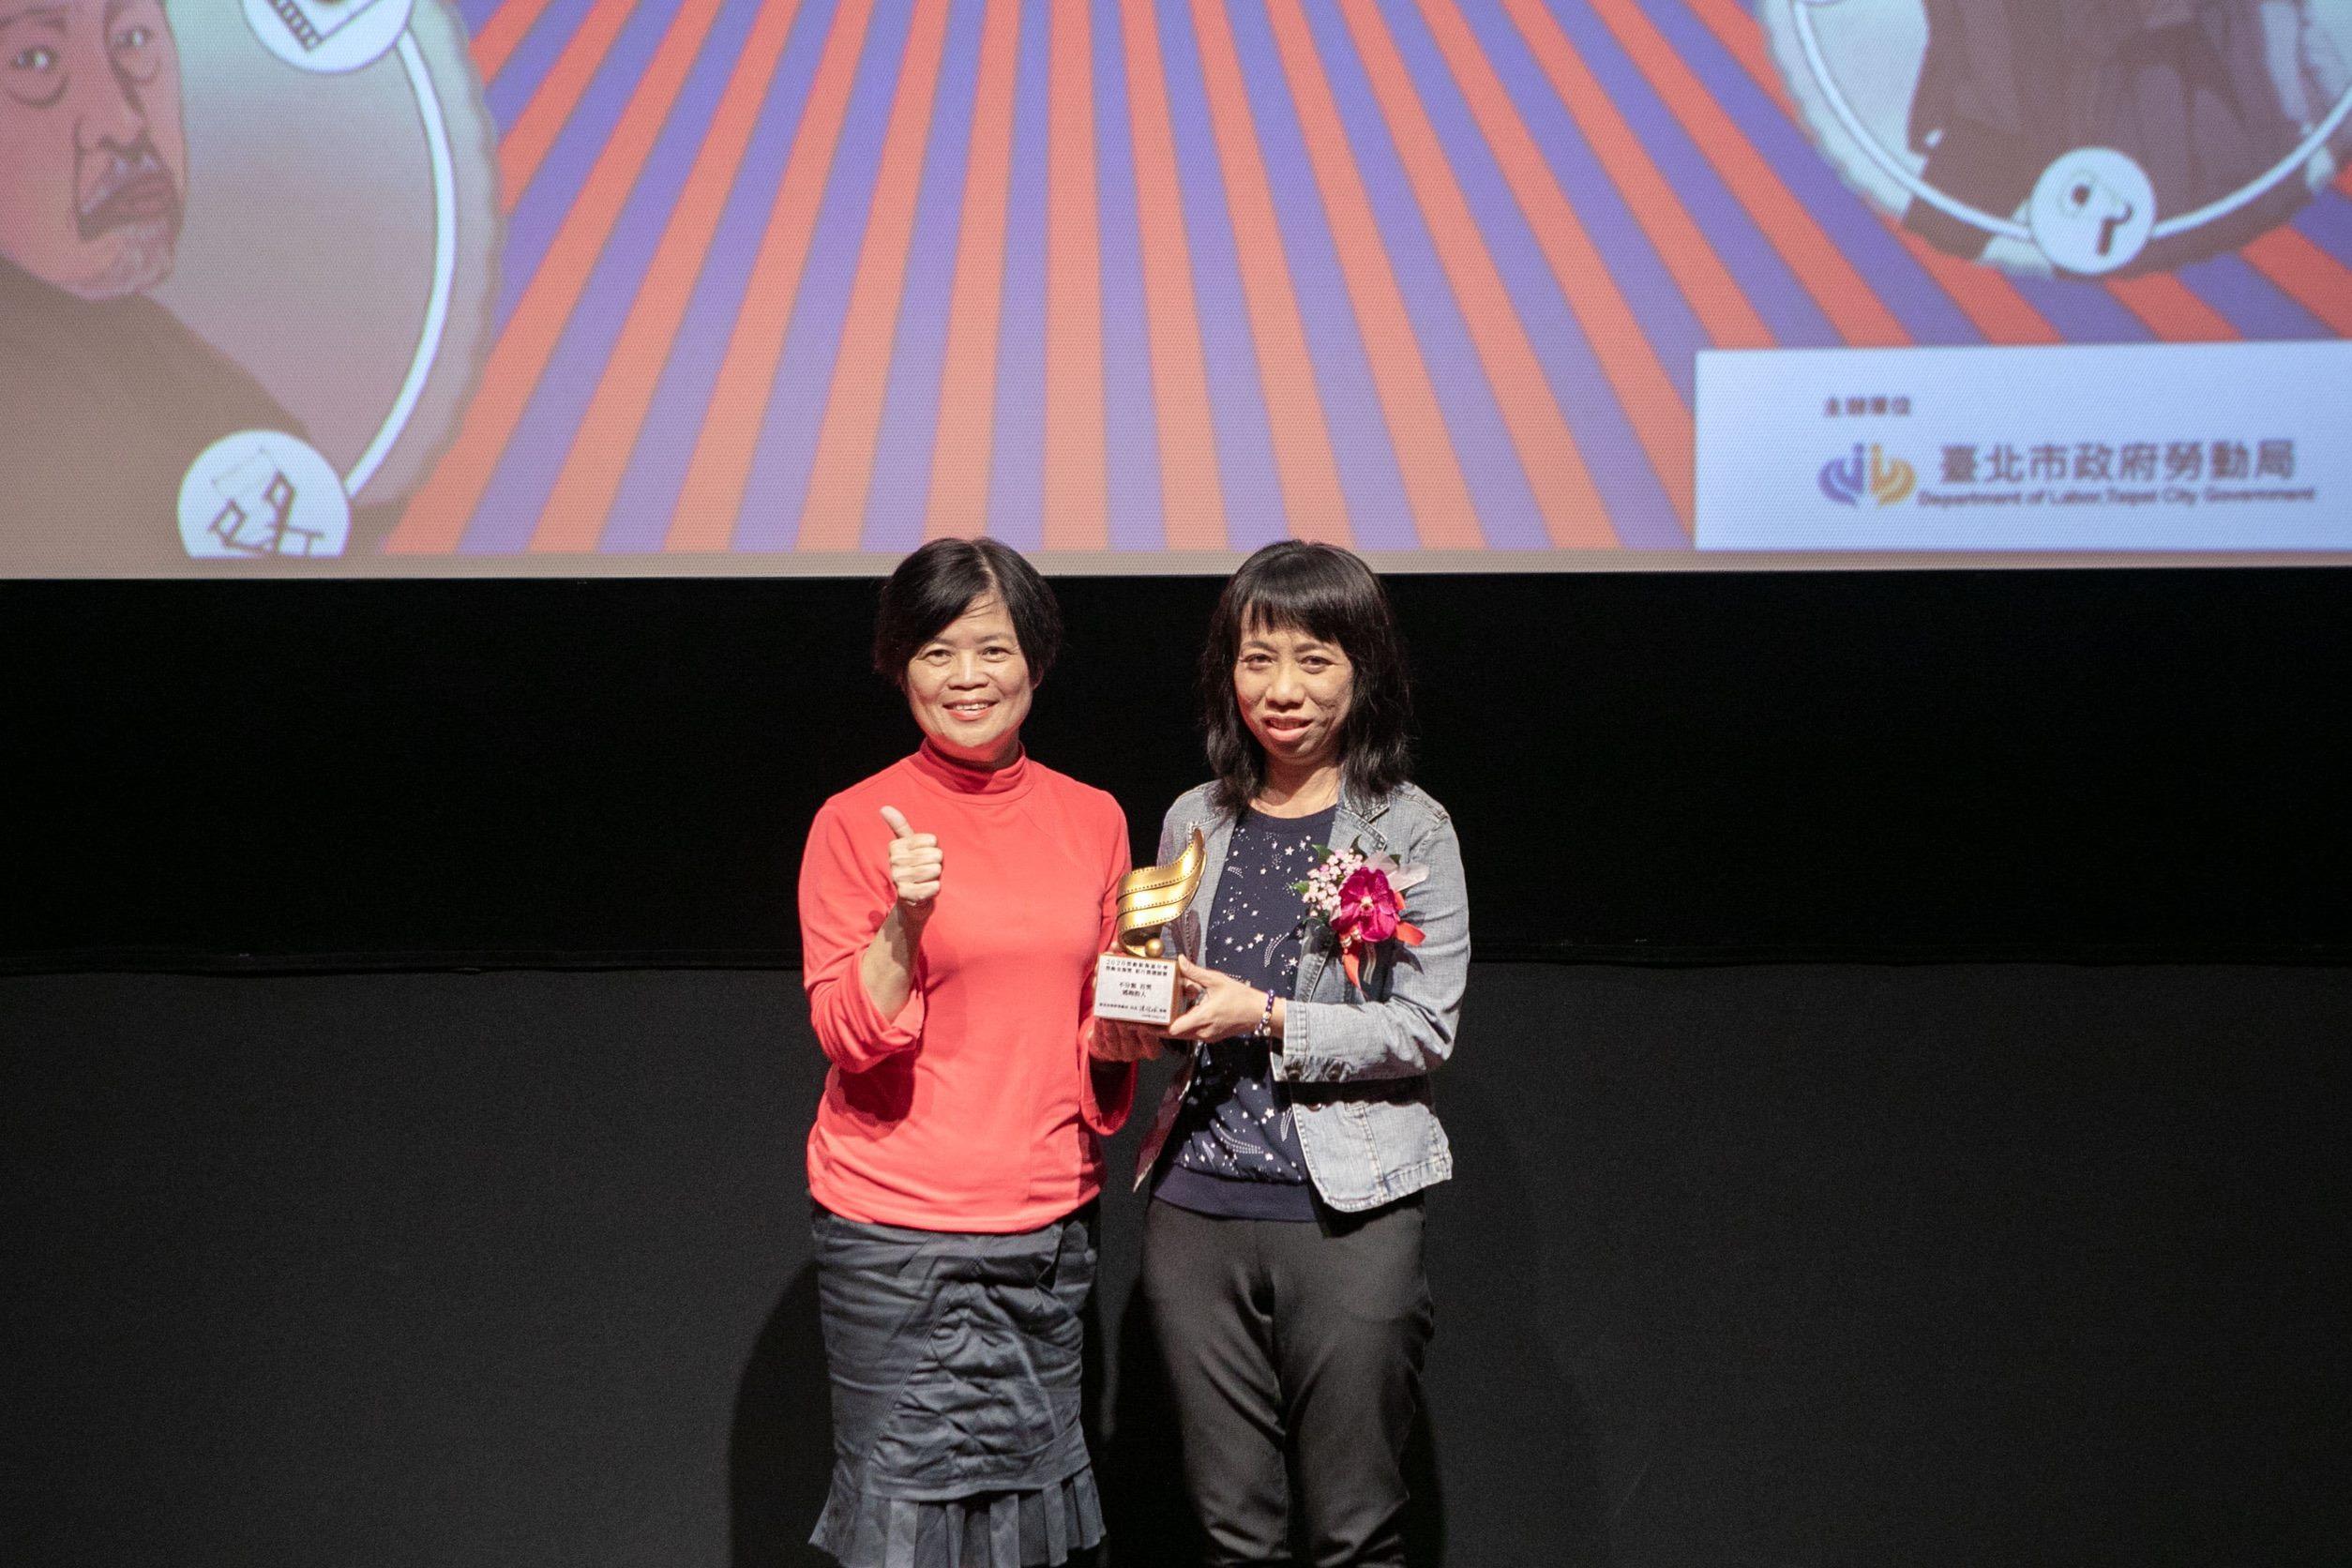 勞動局徐玉雪副局長頒發首獎予曾文珍執導《逃跑的人》